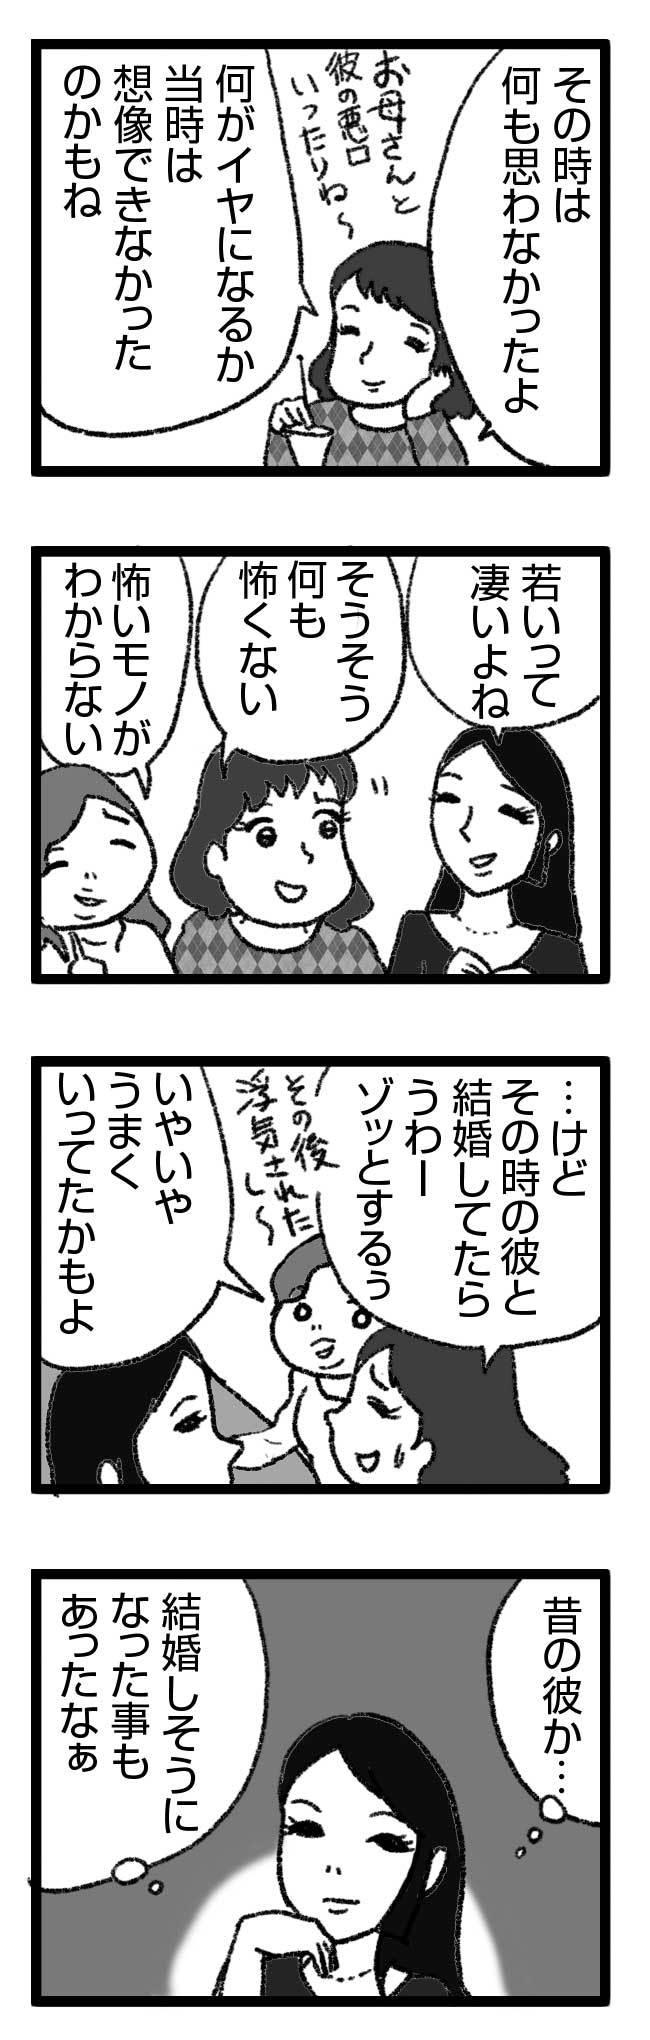 トシオ報告会2 婚活 女子会 失恋 話し合 漫画 まんが マンガ